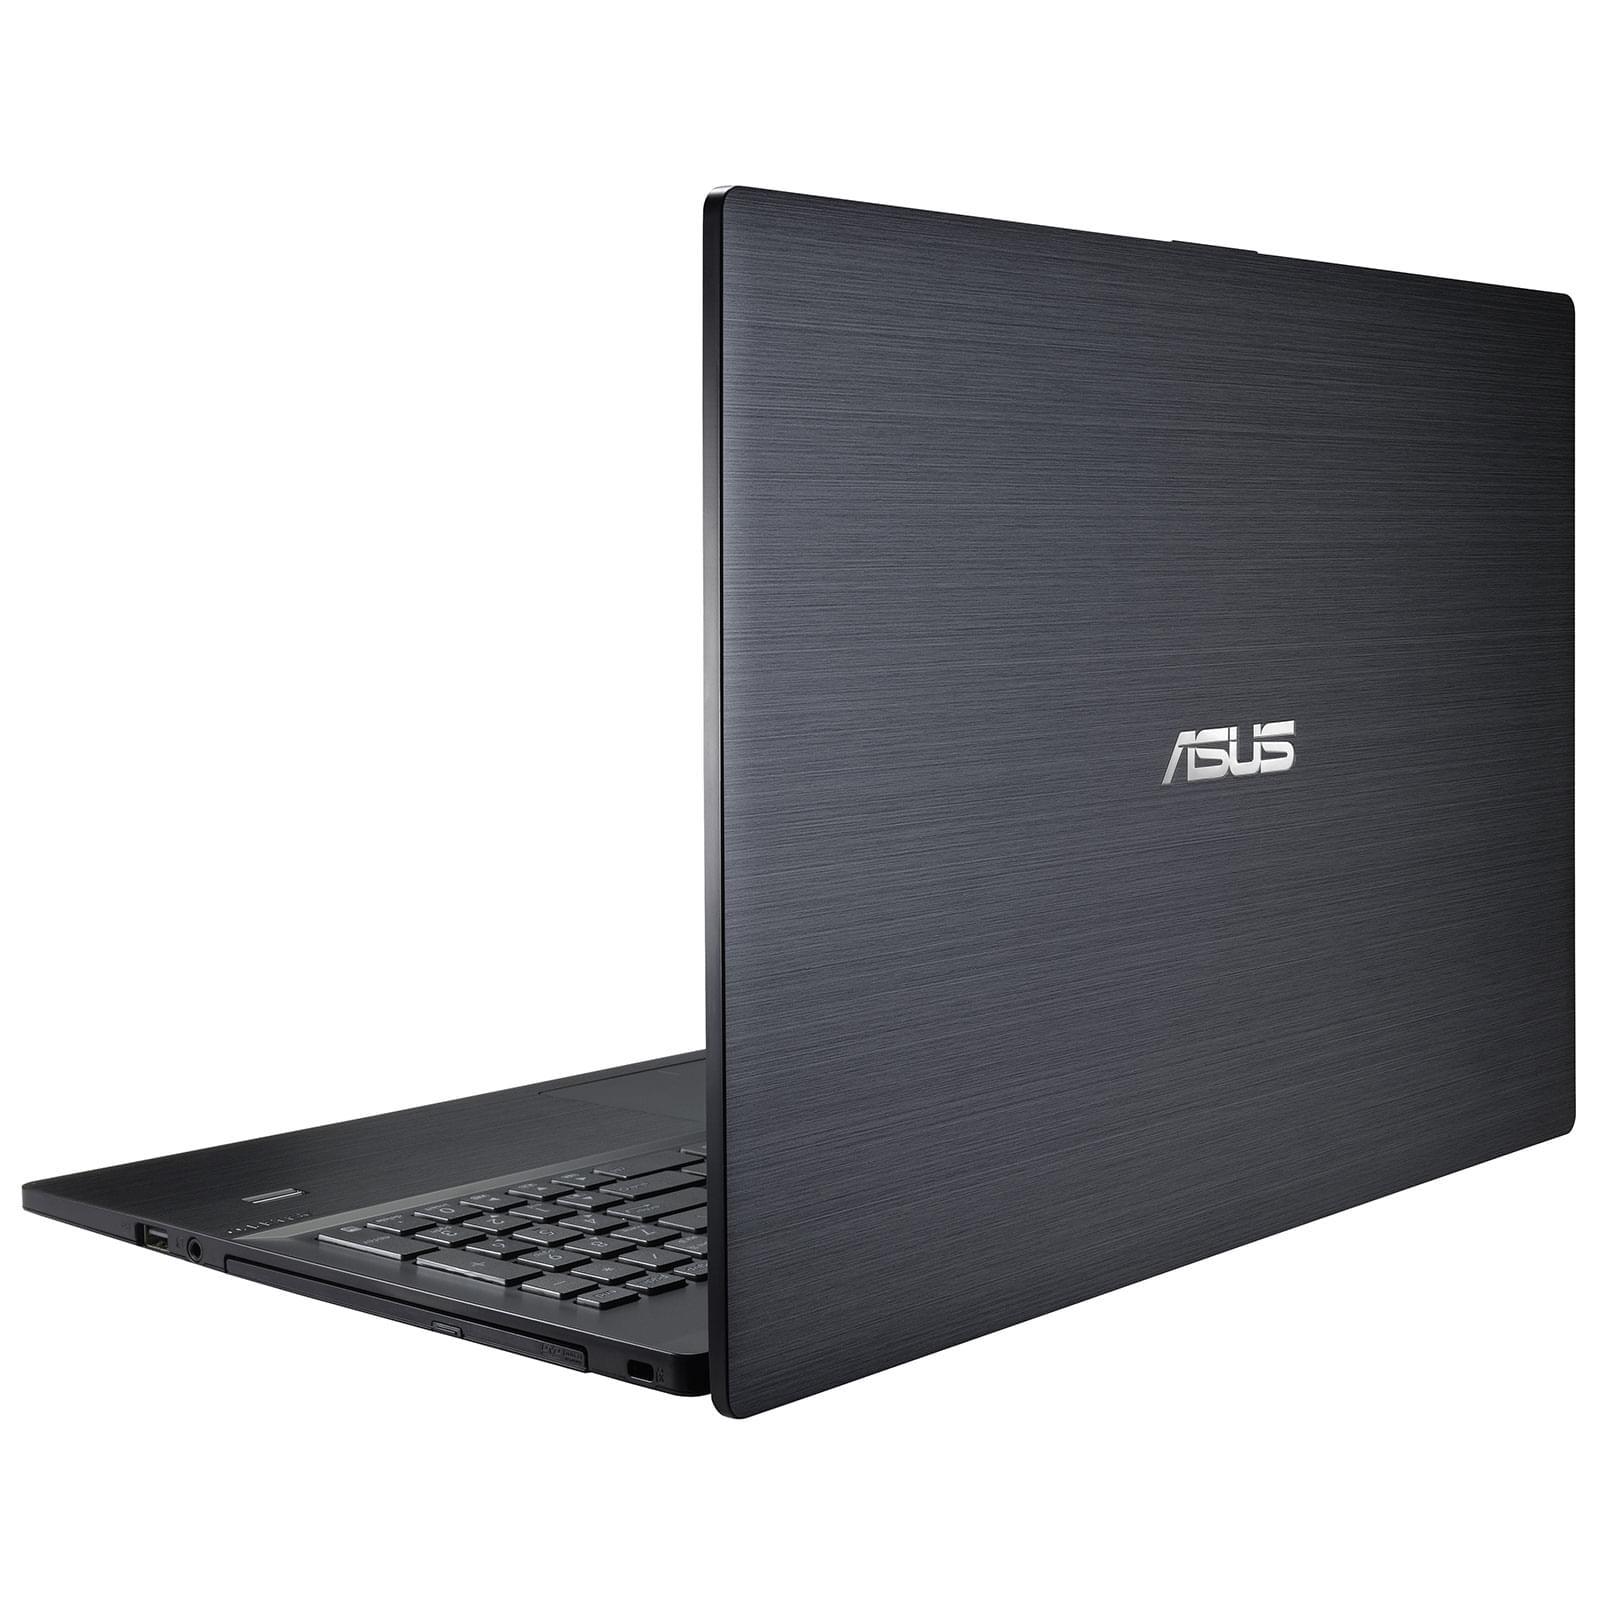 Asus P2520LA-XO0505EB (90NX0051-M13020) - Achat / Vente PC Portable sur Cybertek.fr - 1